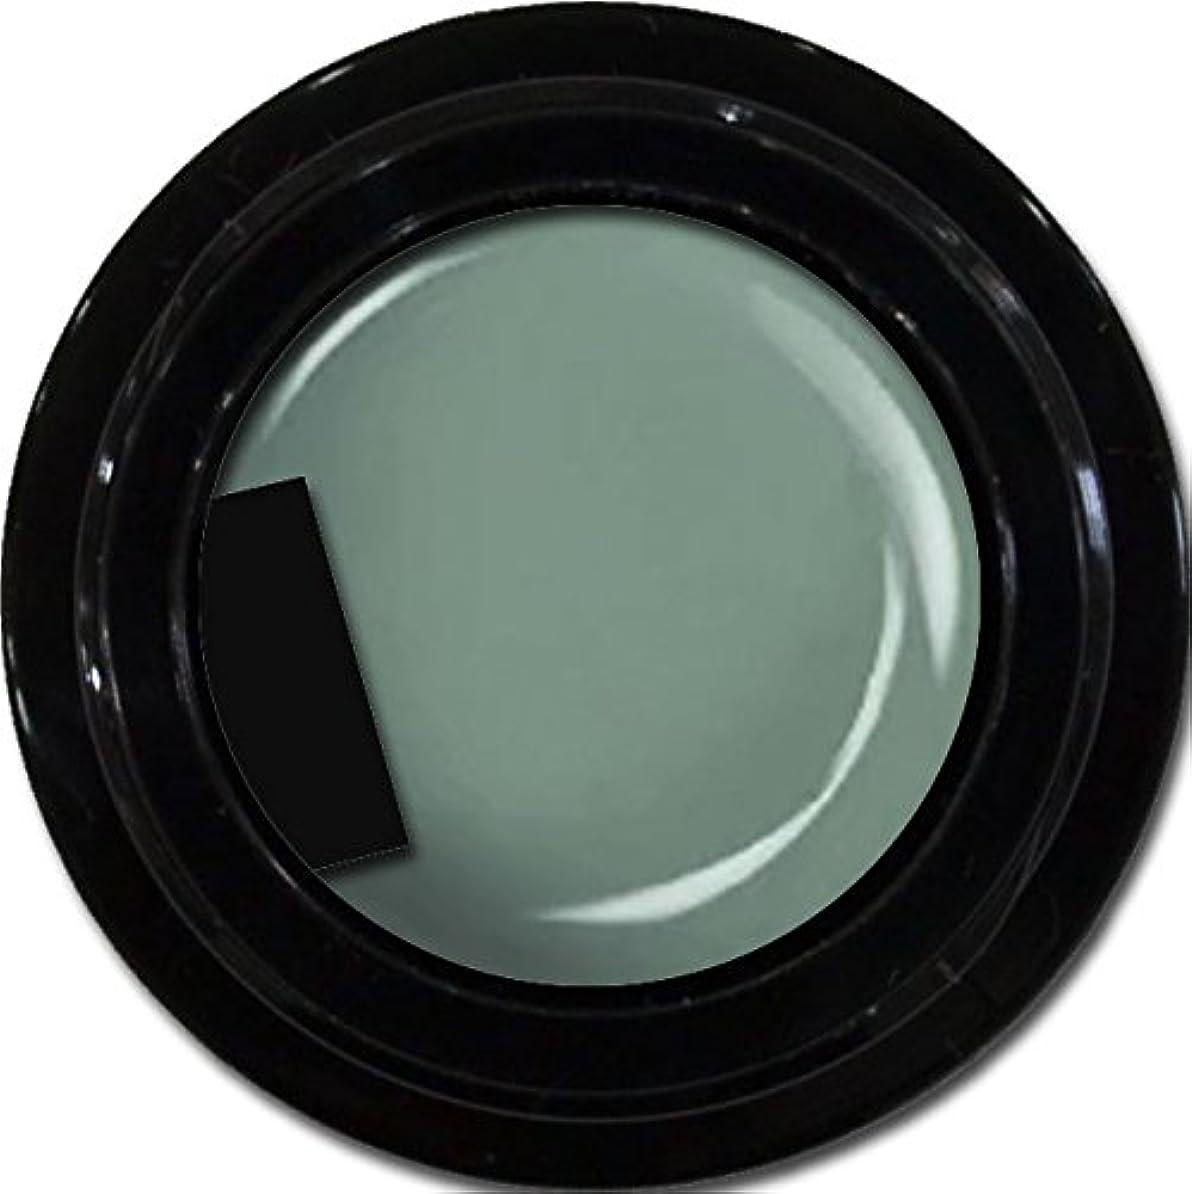 カラージェル enchant color gel M716 Khaki 3g/ マットカラージェル M716 カーキー 3グラム